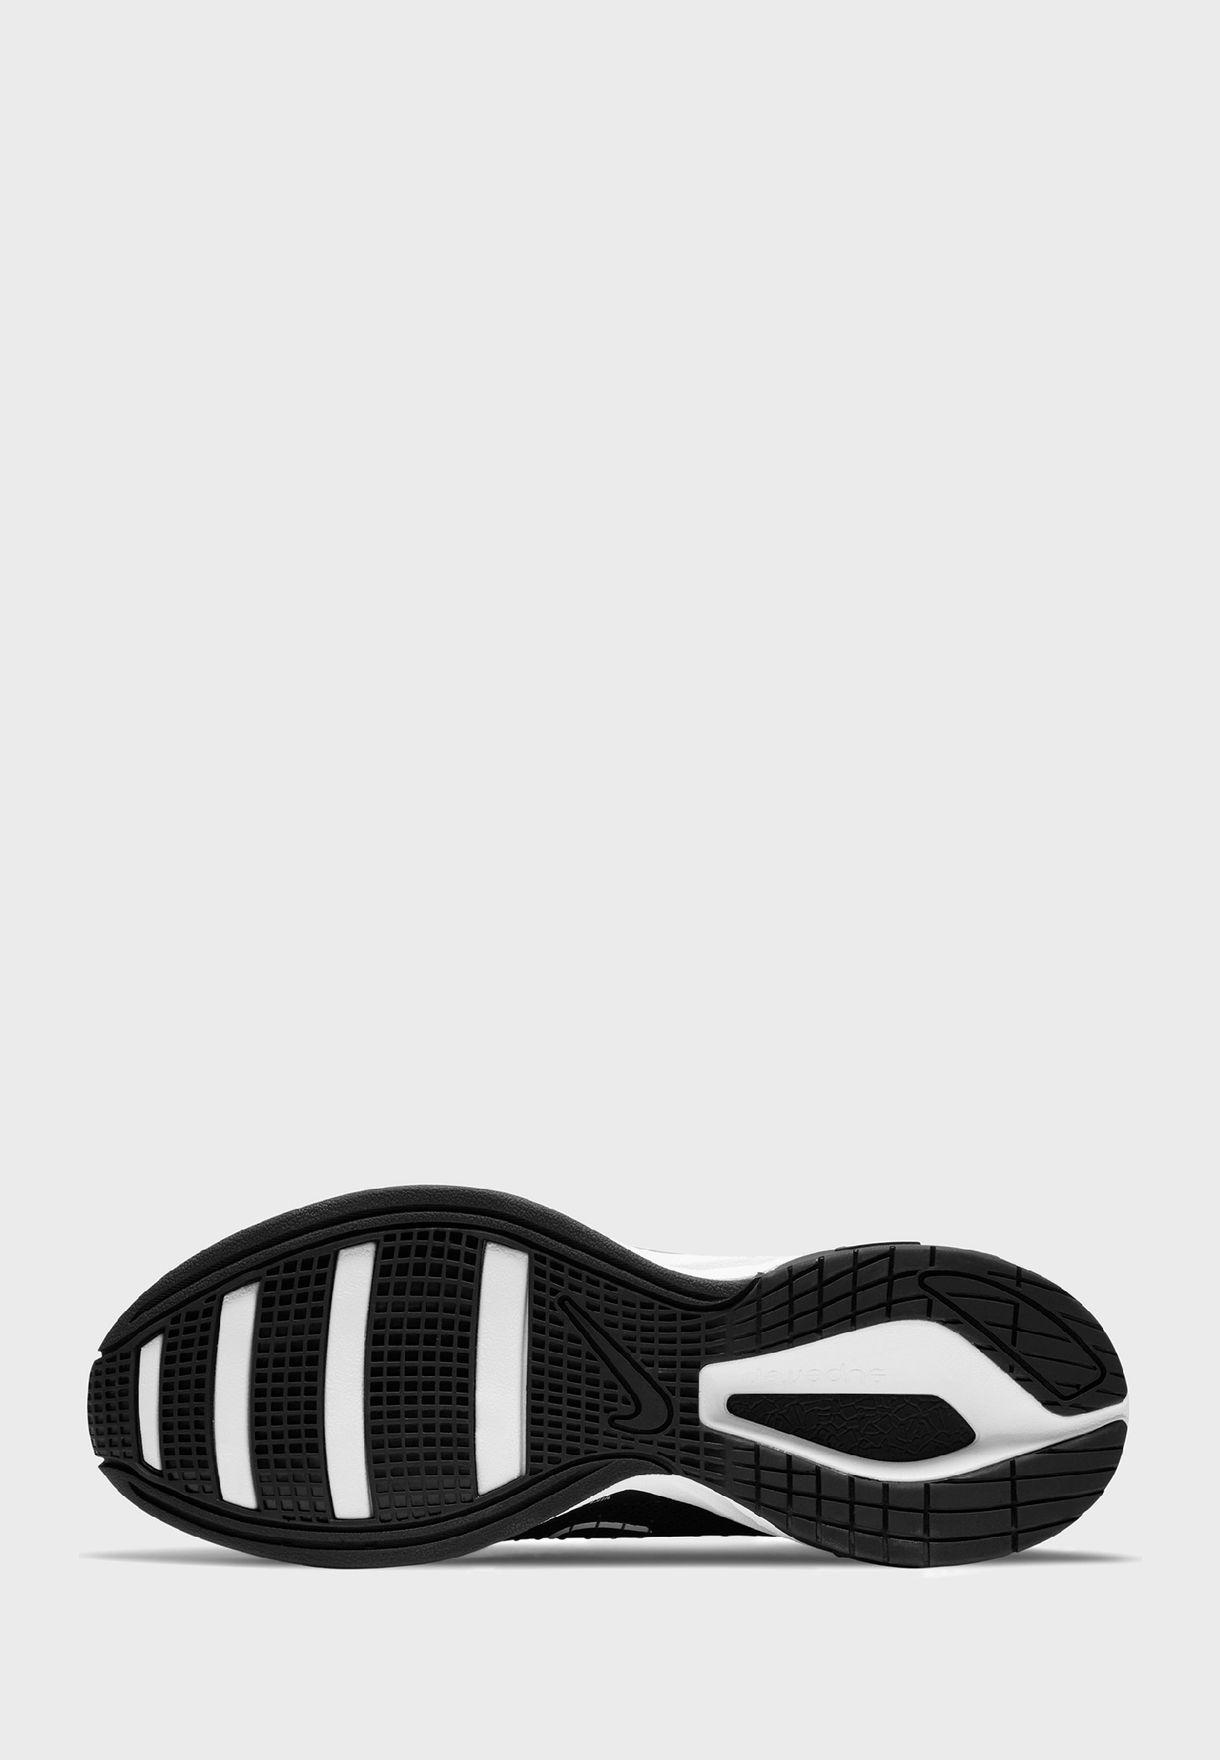 حذاء زومكس سوبر ريب سيرج